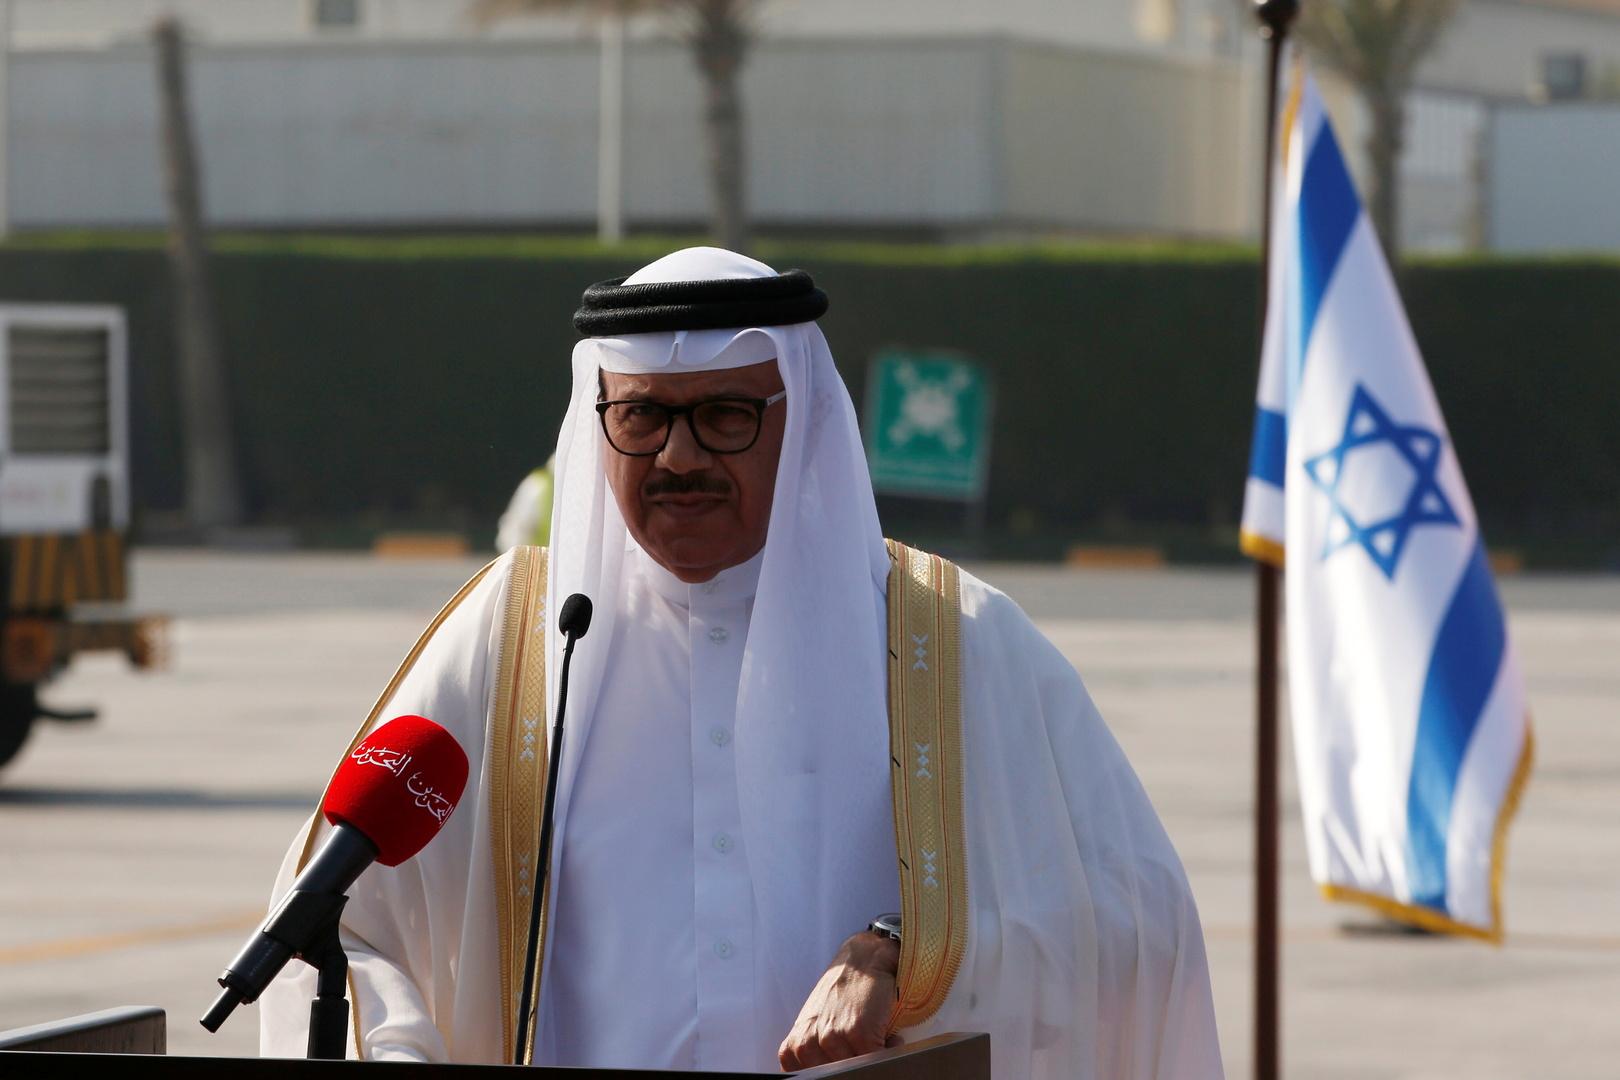 وزير الخارجية البحريني: اتفاق السلام مع إسرائيل خطوة تاريخية لخير شعوب المنطقة